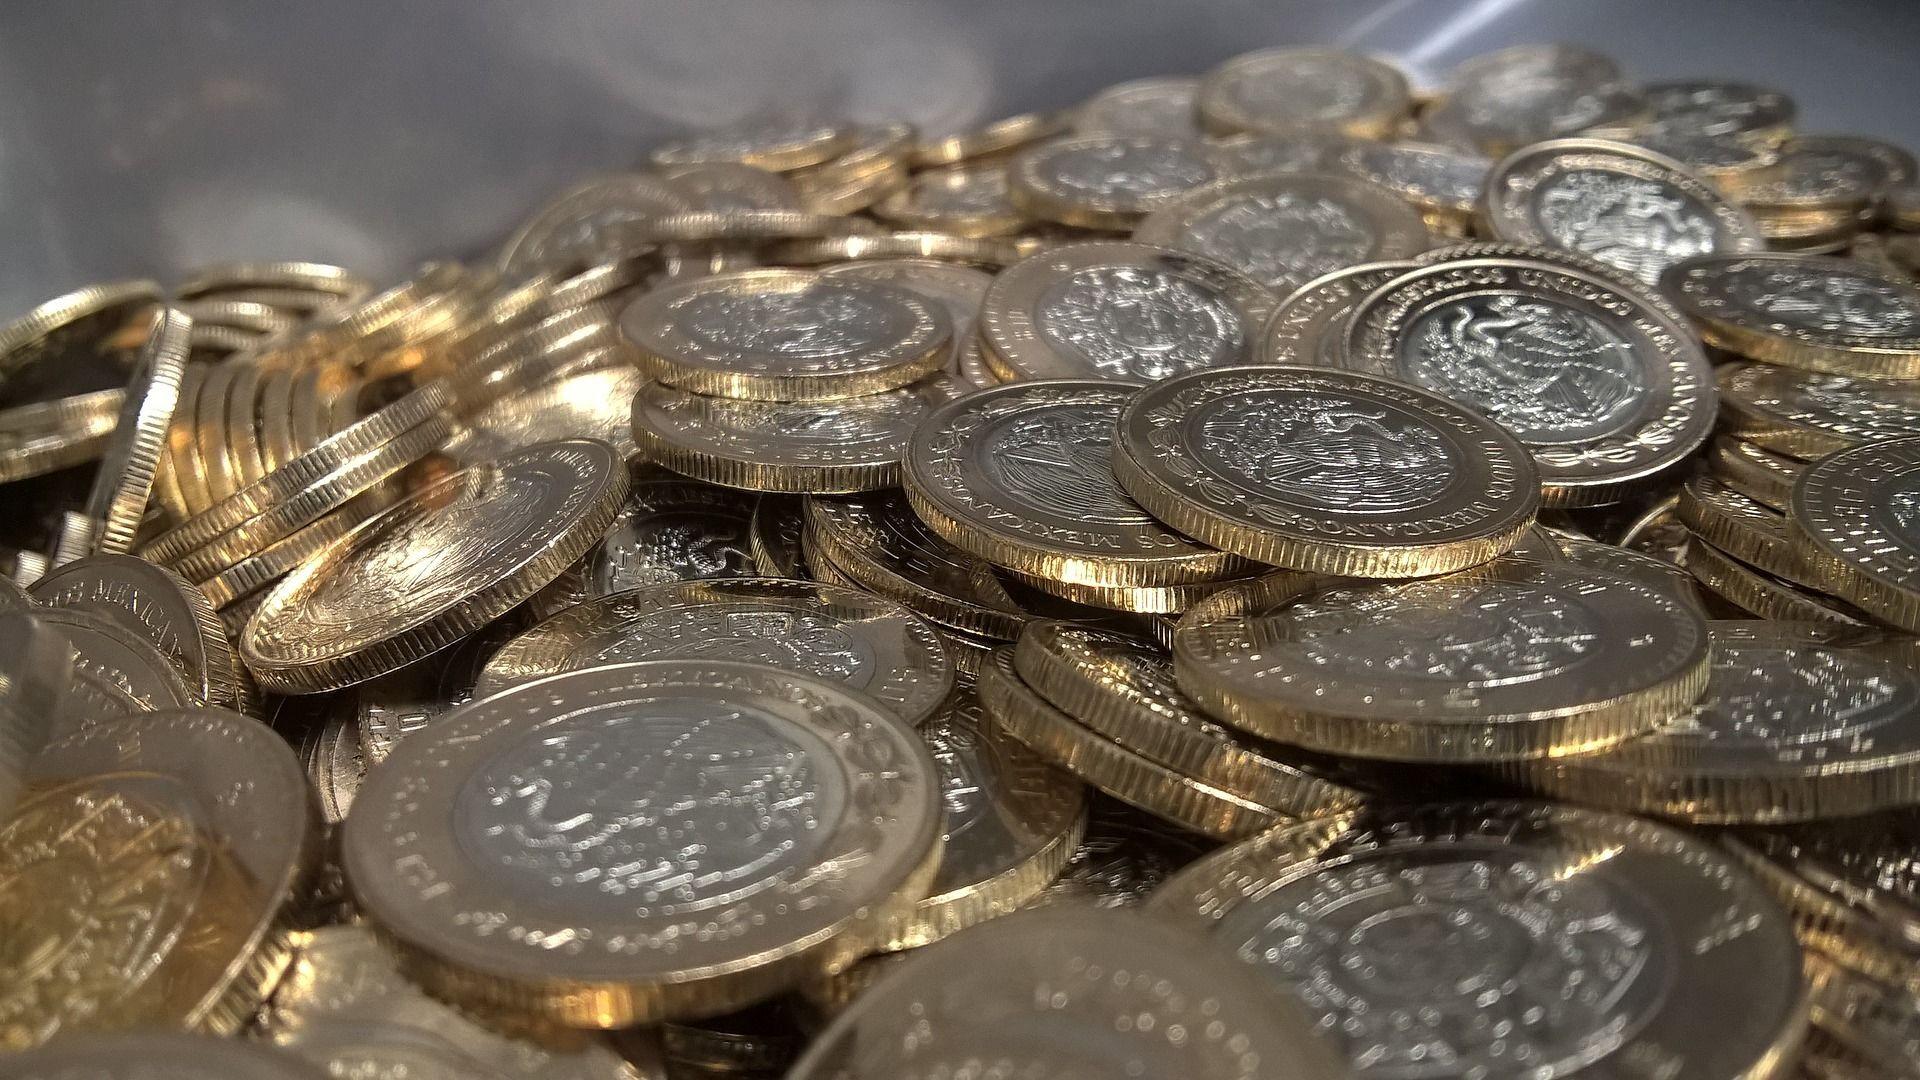 Pesos mexicanos. Monedas. Imagen referencial - Sputnik Mundo, 1920, 07.04.2021